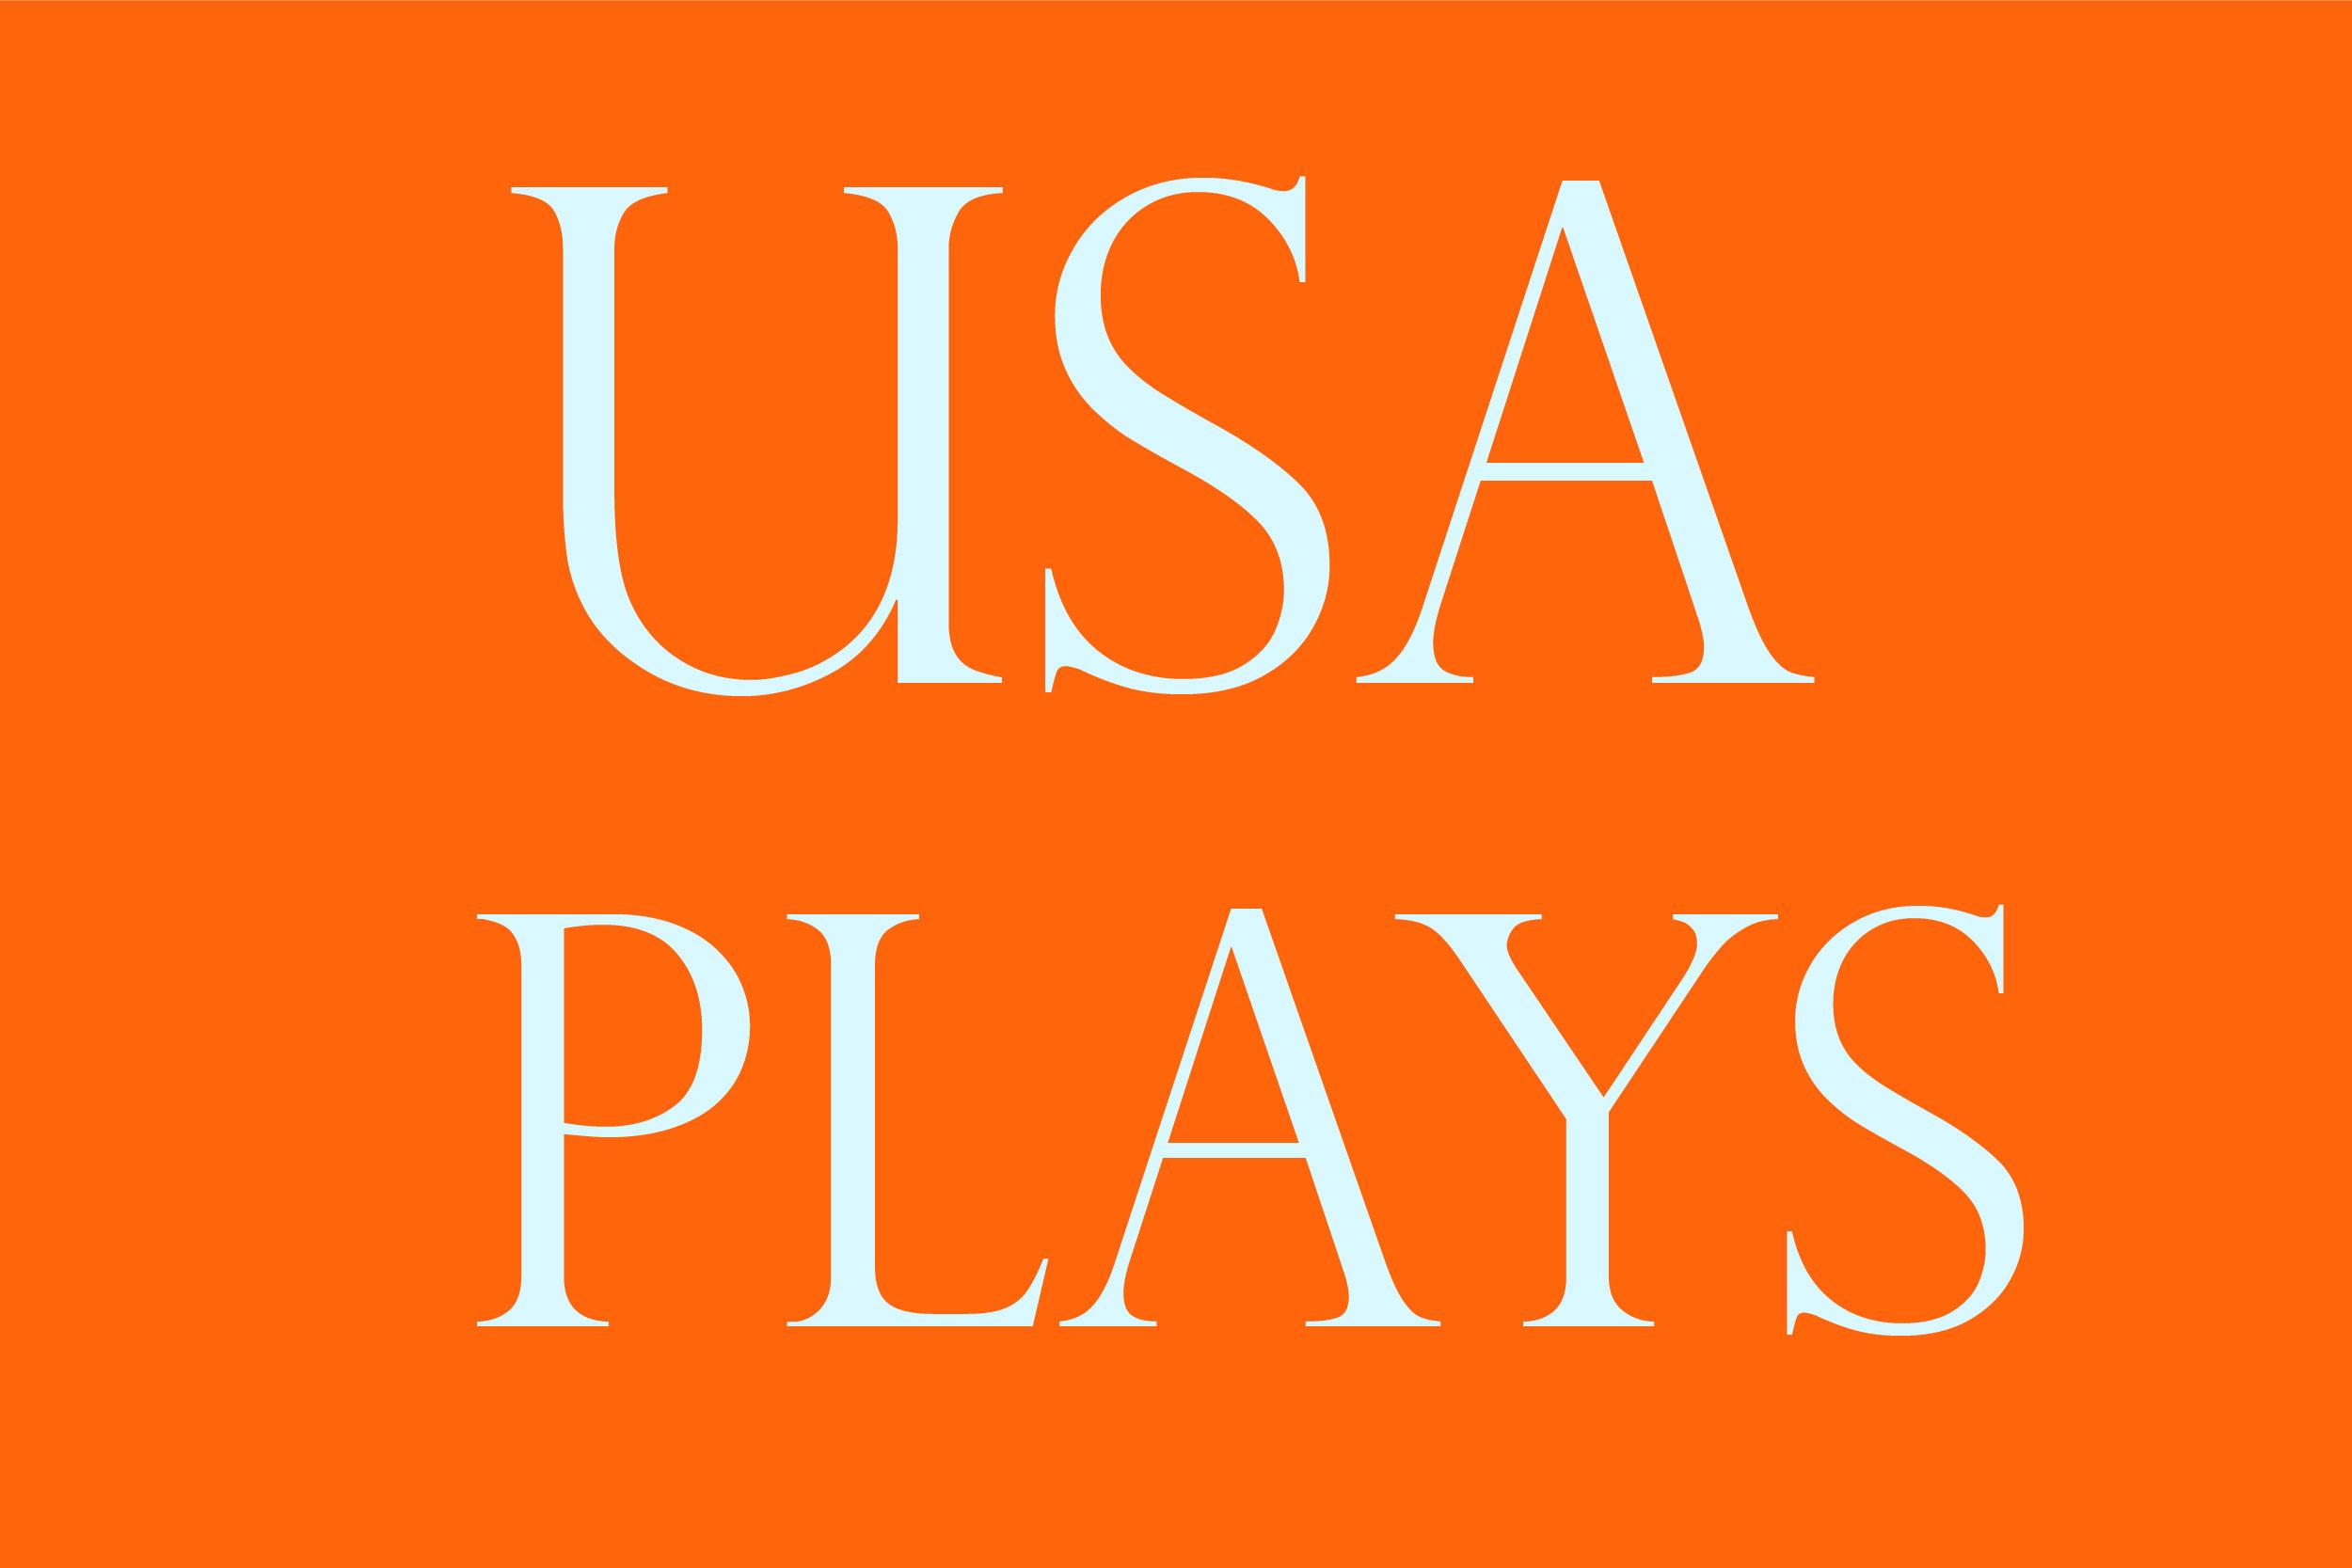 get original 10000 USA listener's play